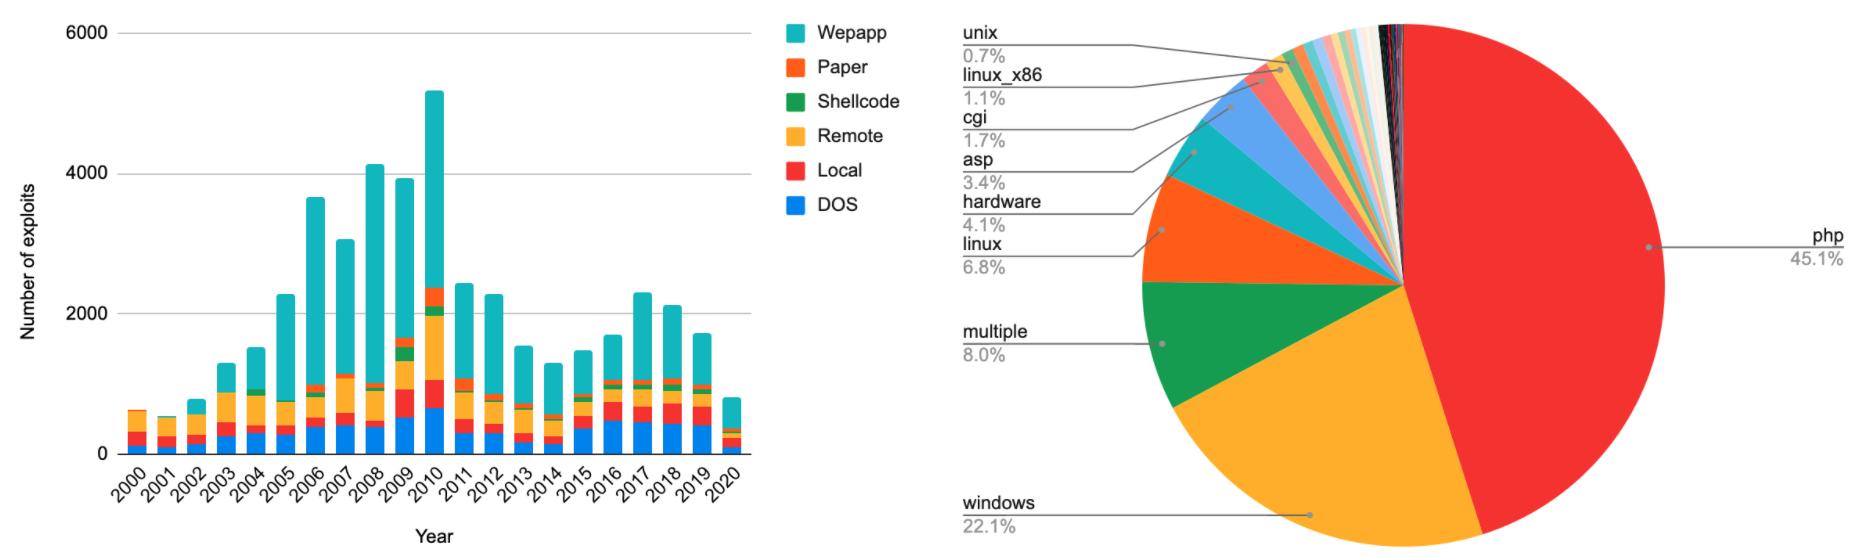 左の棒グラフは2000年以降に公開されたエクスプロイト数を示しており、Webアプリケーション(Webapp)、論文や白書(Paper)、シェルコード、リモート、ローカル、DOSに分類されています。右の円グラフは対象となっているプラットフォームごとのエクスプロイト開発状況を分類しています。プラットフォームの種類には、UNIX、Linux x86、CGI、ASP、ハードウェア、Linux、Windows、複数(複数のプラットフォームにまたがる)、が含まれます。